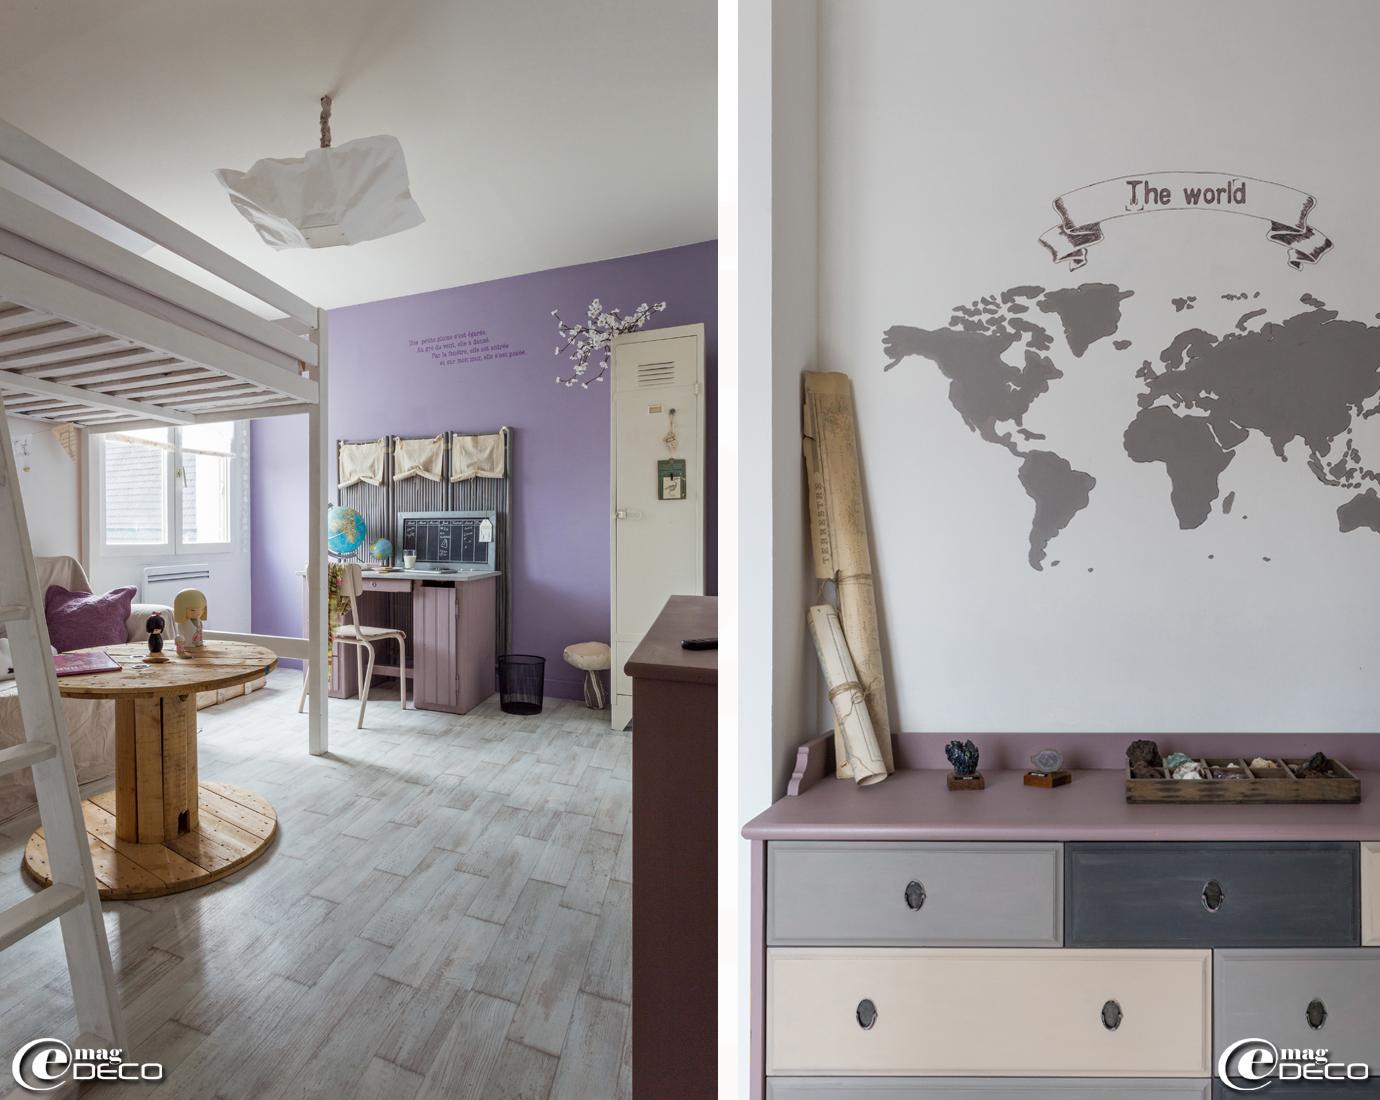 Lit, vestiaire et meuble à tiroirs 'Ikea' repeints par Aurore de la boutique en ligne 'Smile :)'